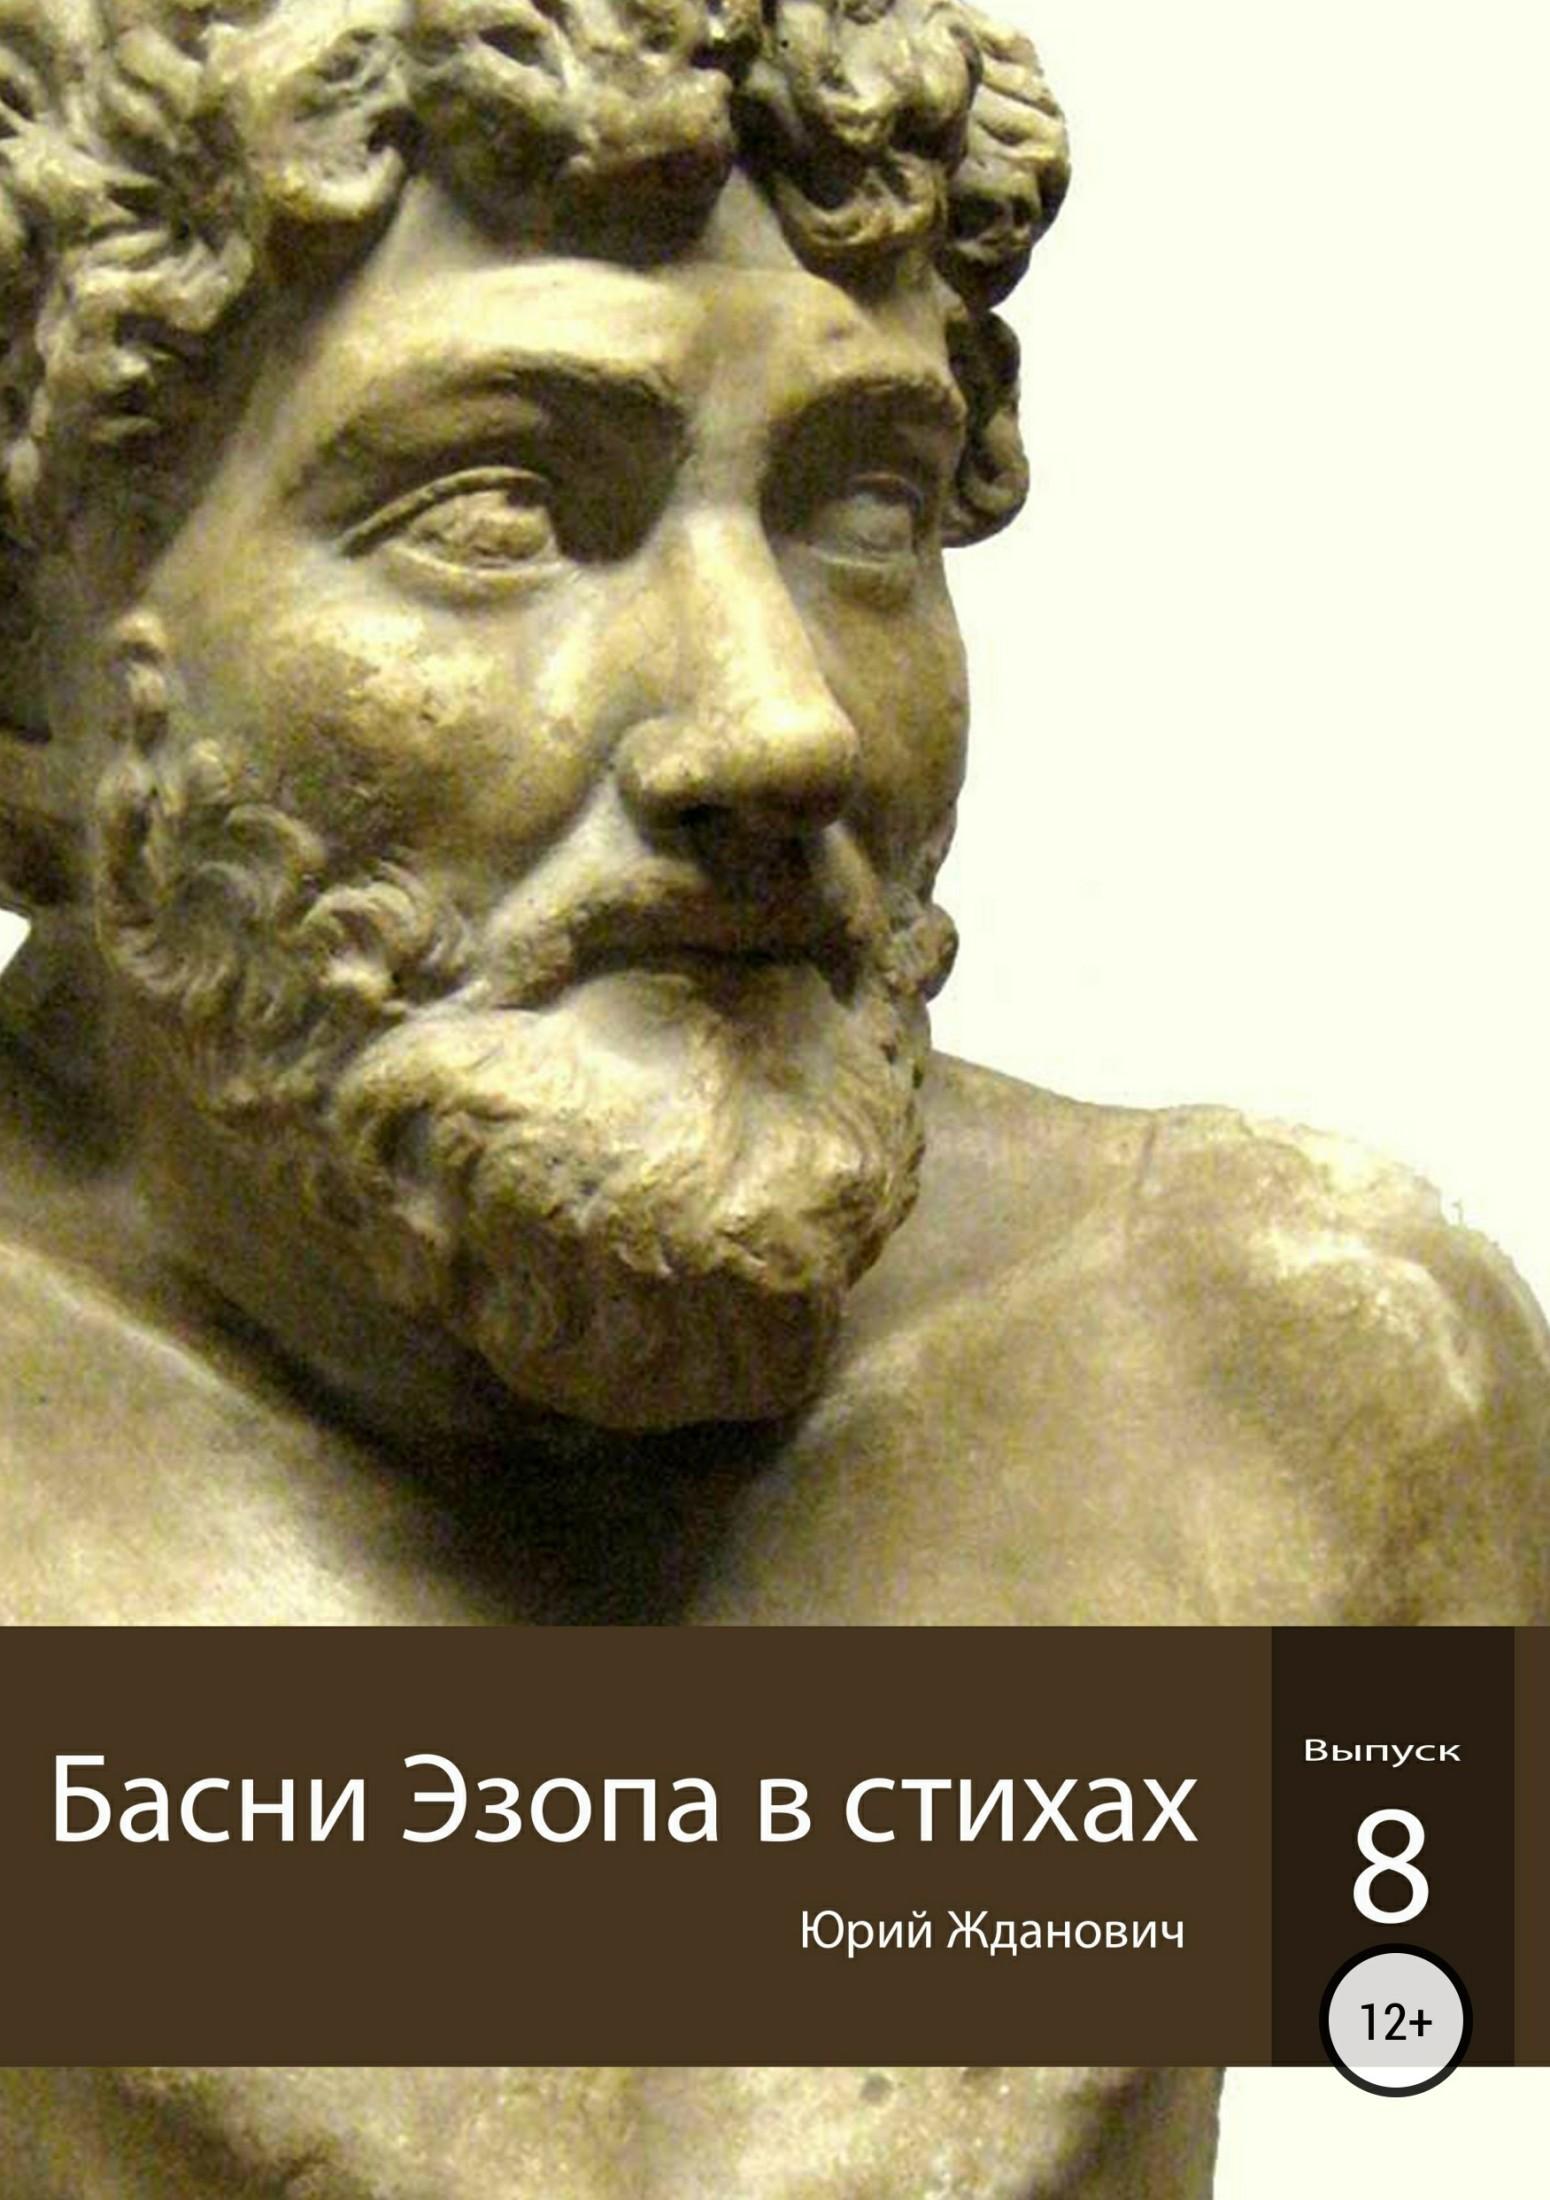 Басни Эзопа в стихах. Выпуск 8